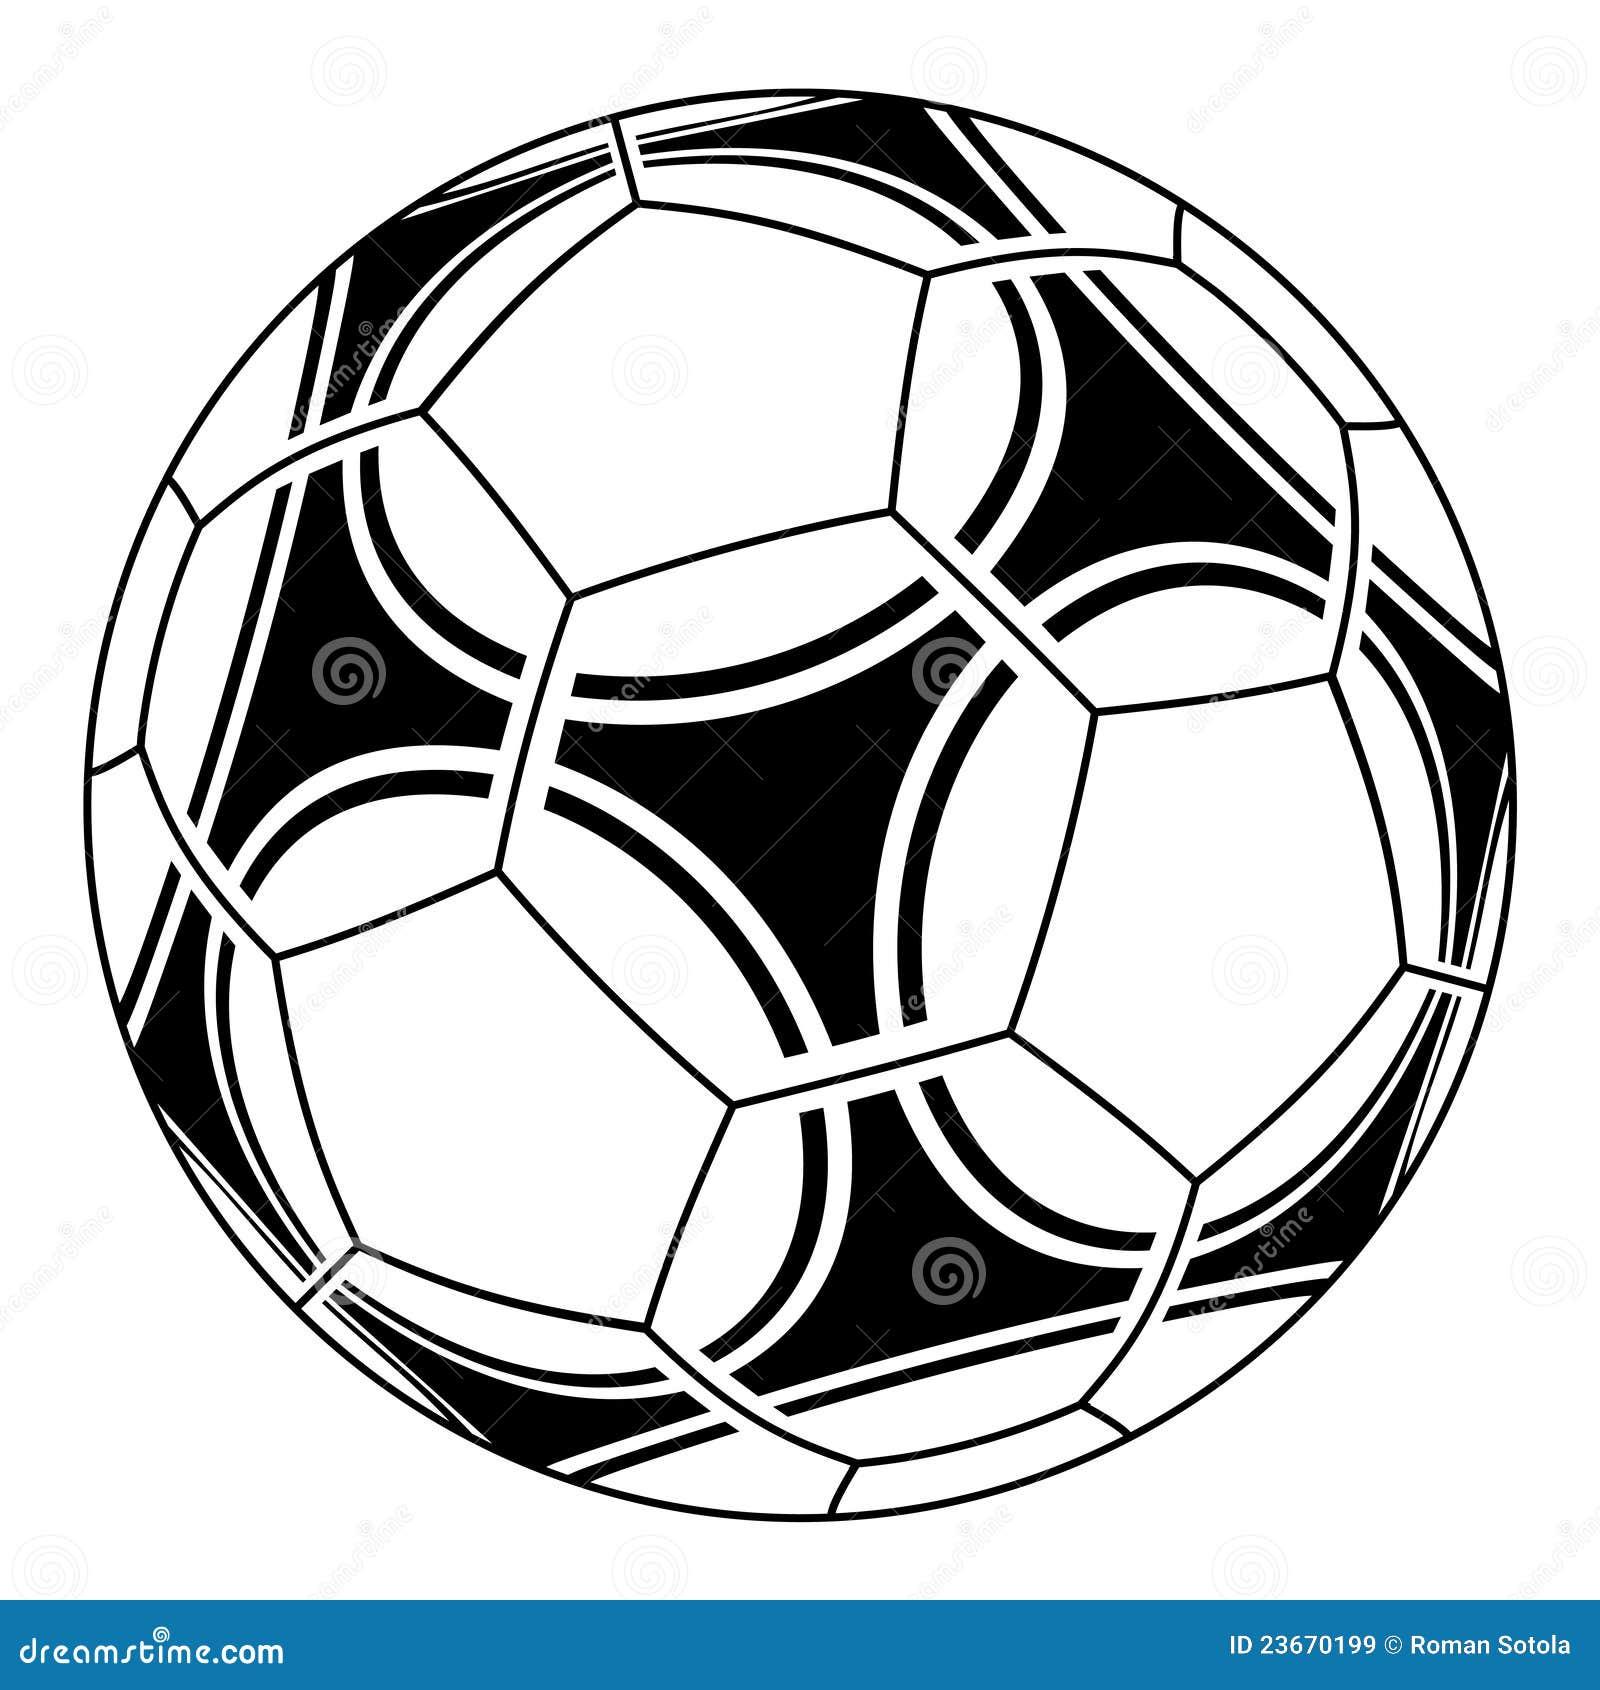 Adidas soccer ball drawing